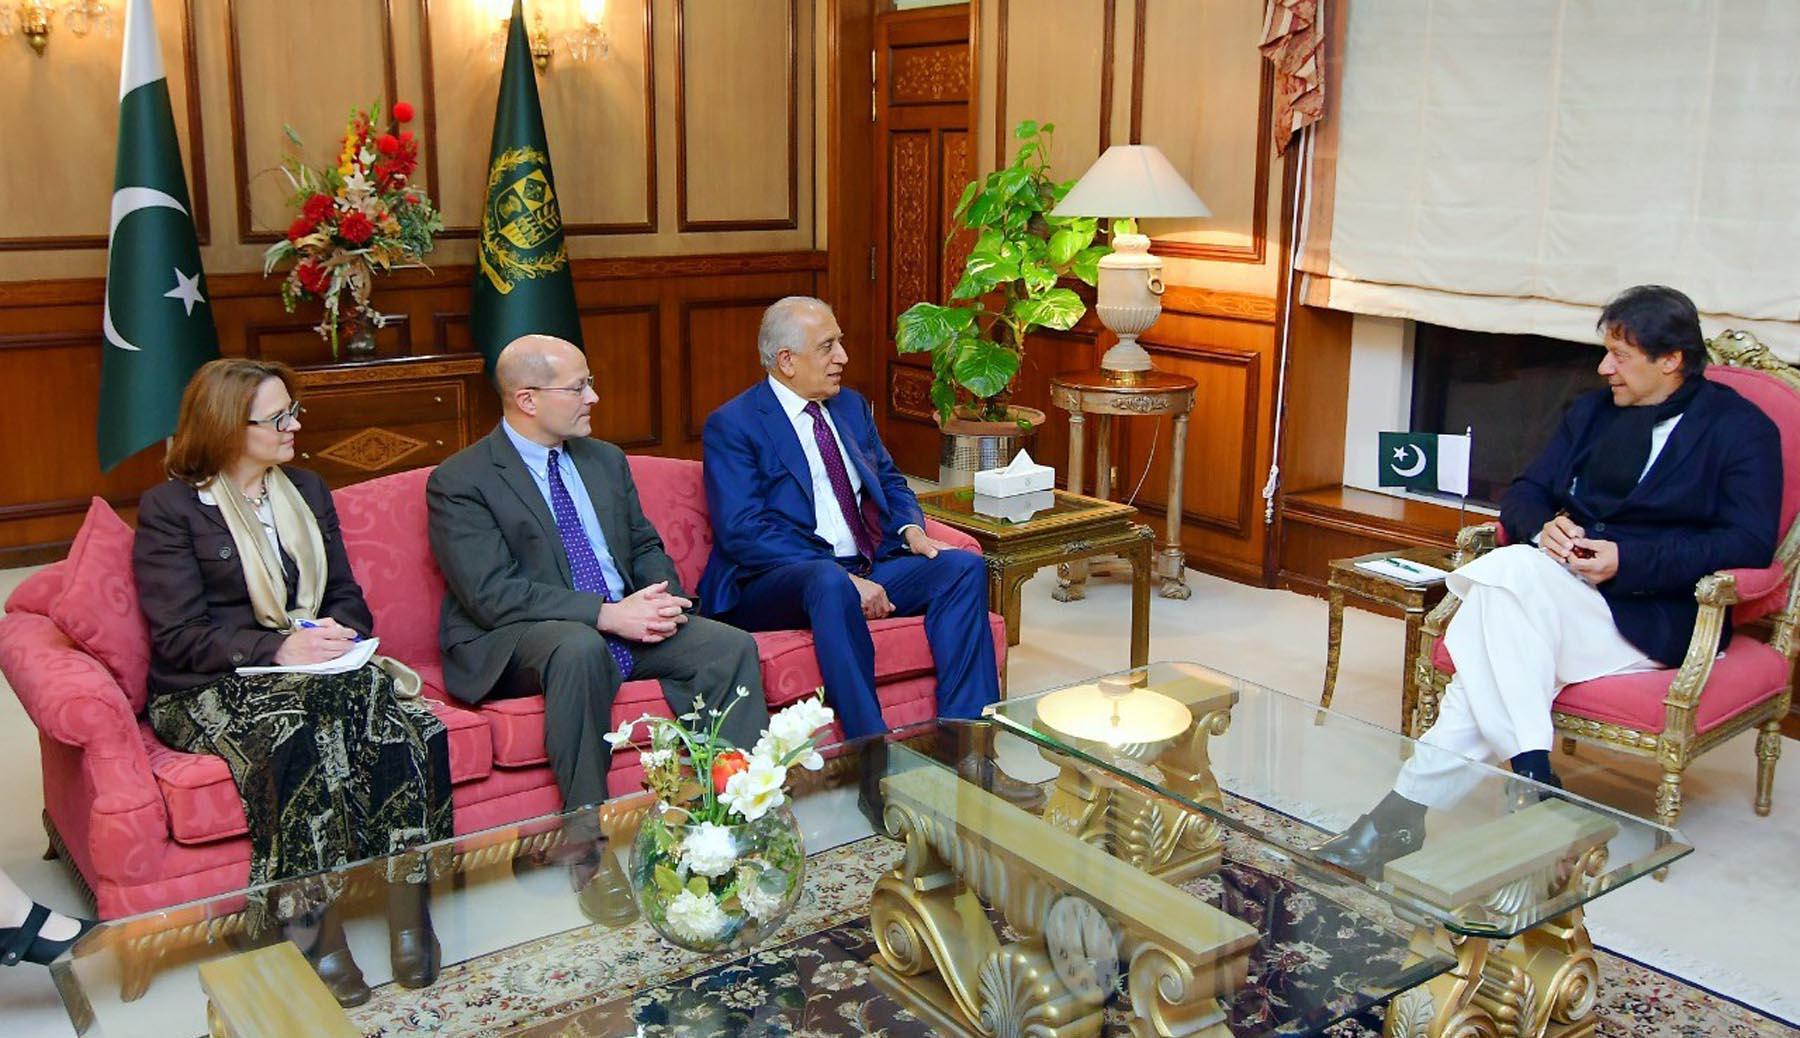 د متحده ایالاتو سفیر خلیلزاد اسلام آباد ته له سفر سره د افغانستان د سولې بهیر ته وده ورکوي